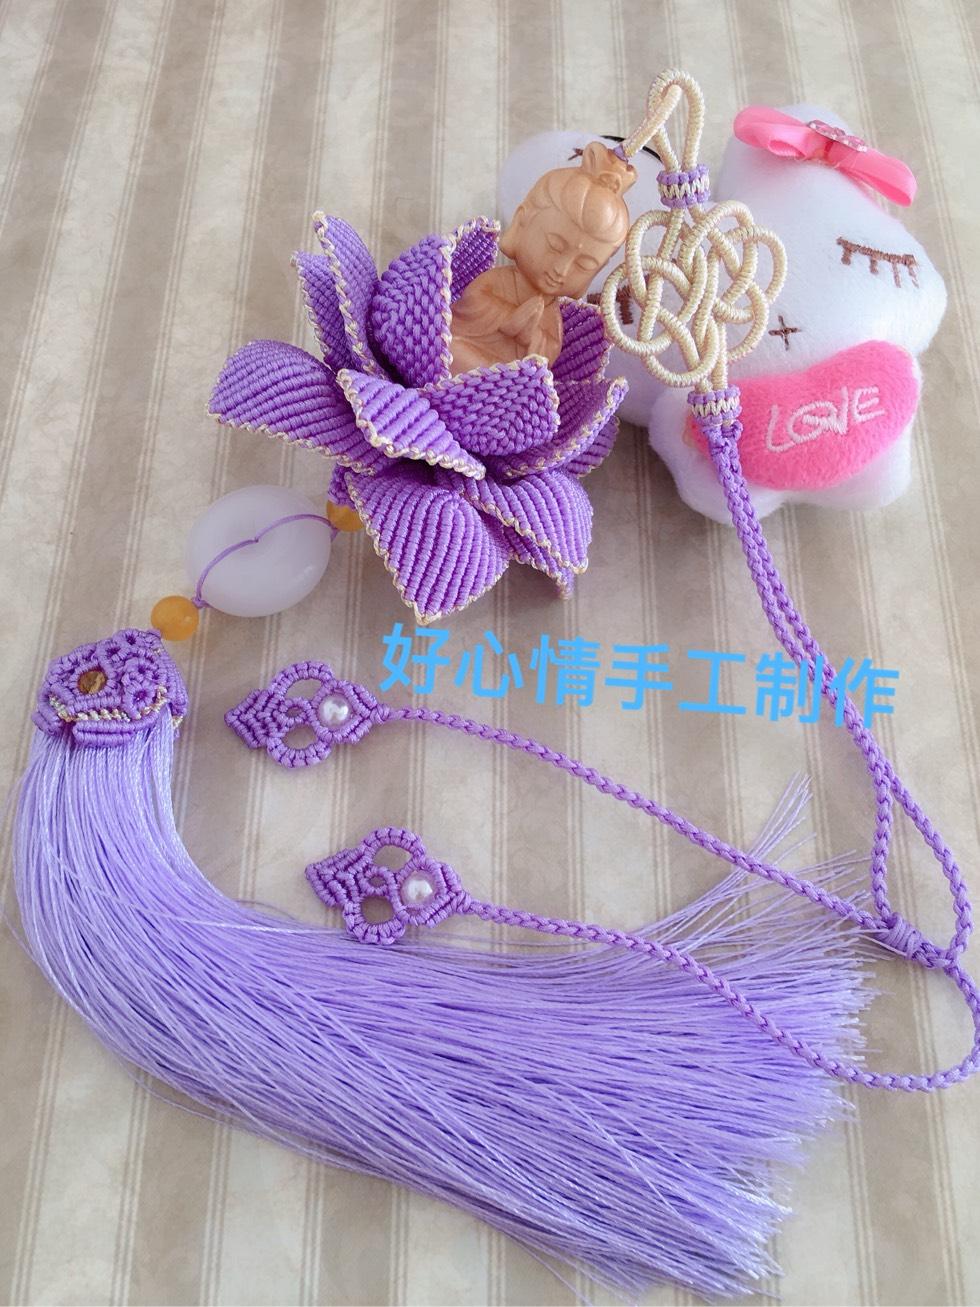 中国结论坛 最近特别喜爱紫色,编不停的节奏 什么样的女人喜欢紫色,紫色的含义和象征,心理学上喜欢紫色的人,喜欢紫色的男人 作品展示 172449spftky8n1nzy7m1m